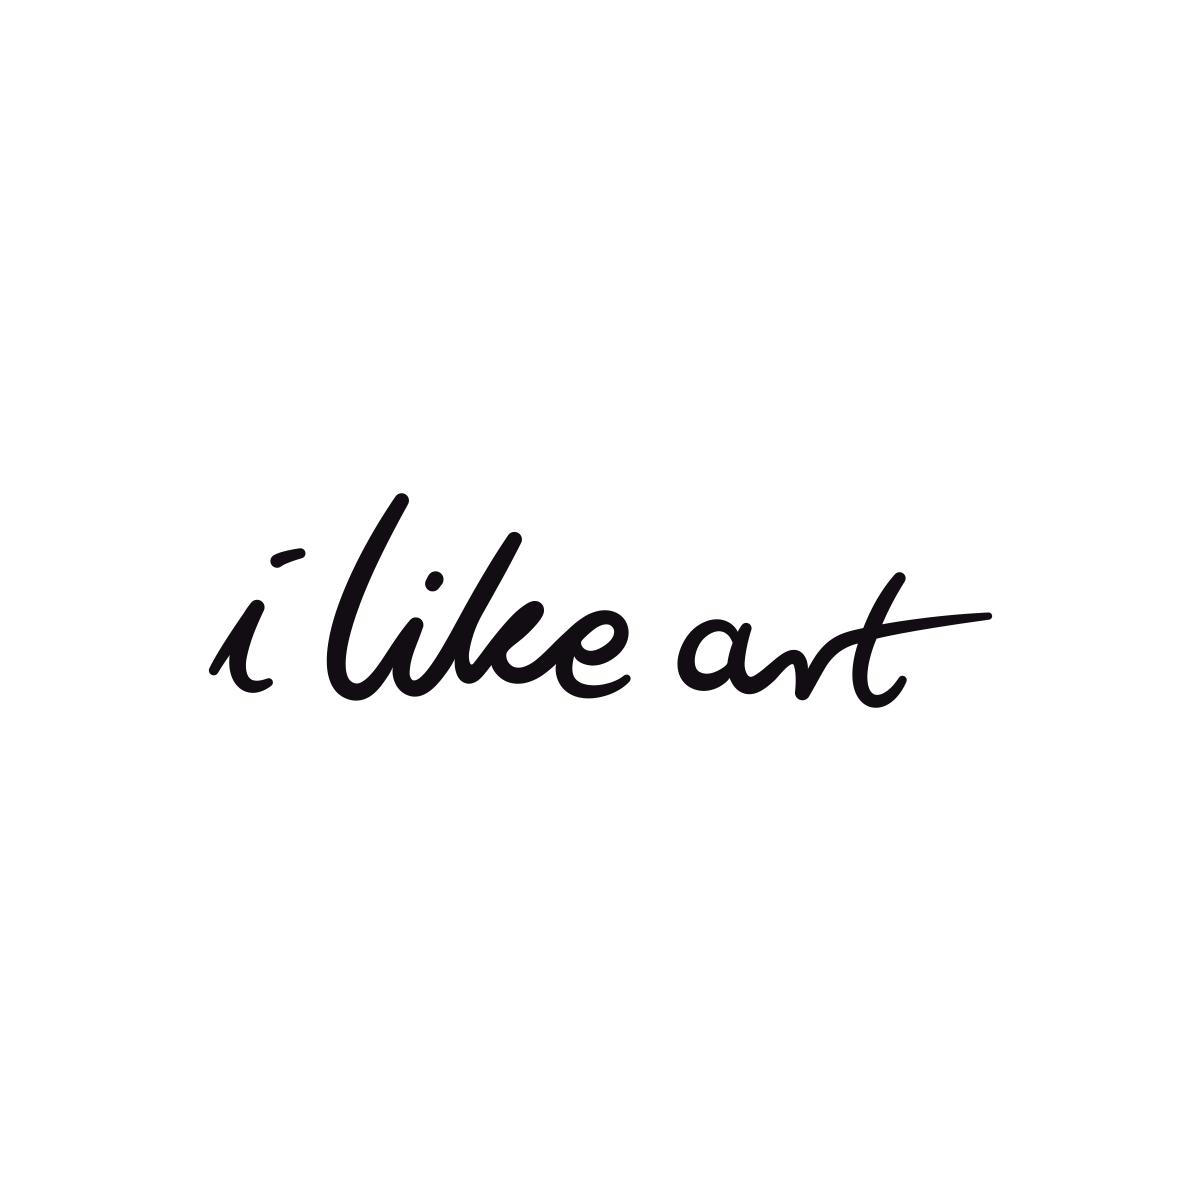 I LIKE ART